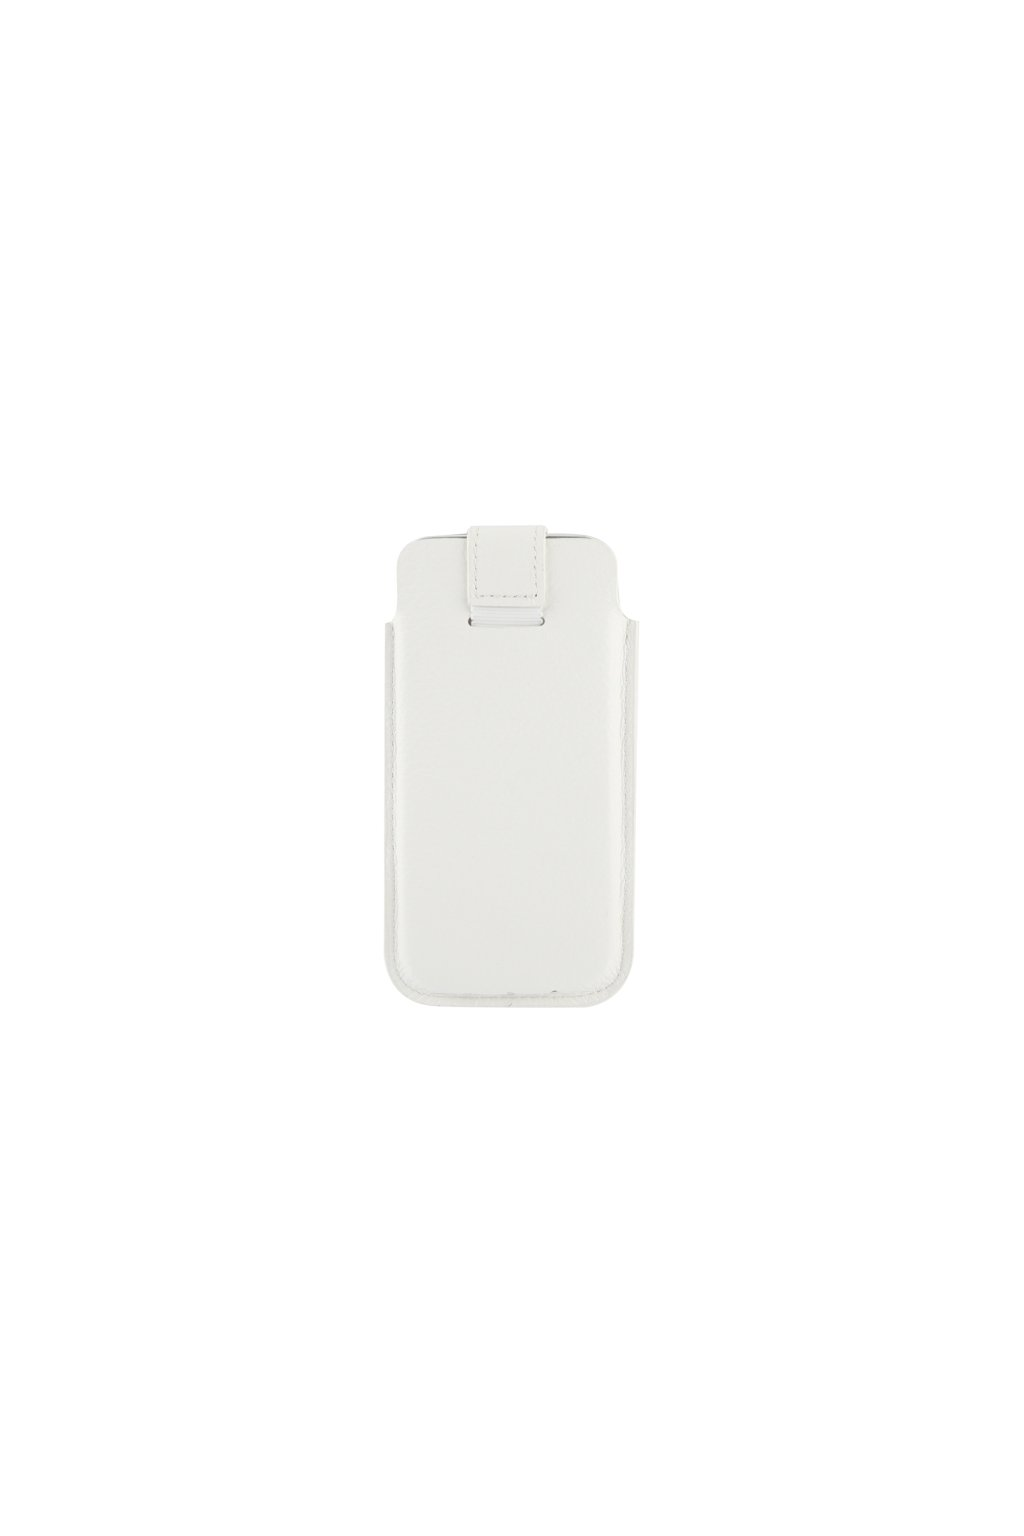 Koženkové pouzdro Lichi iPhone 5/5S, white/bílá